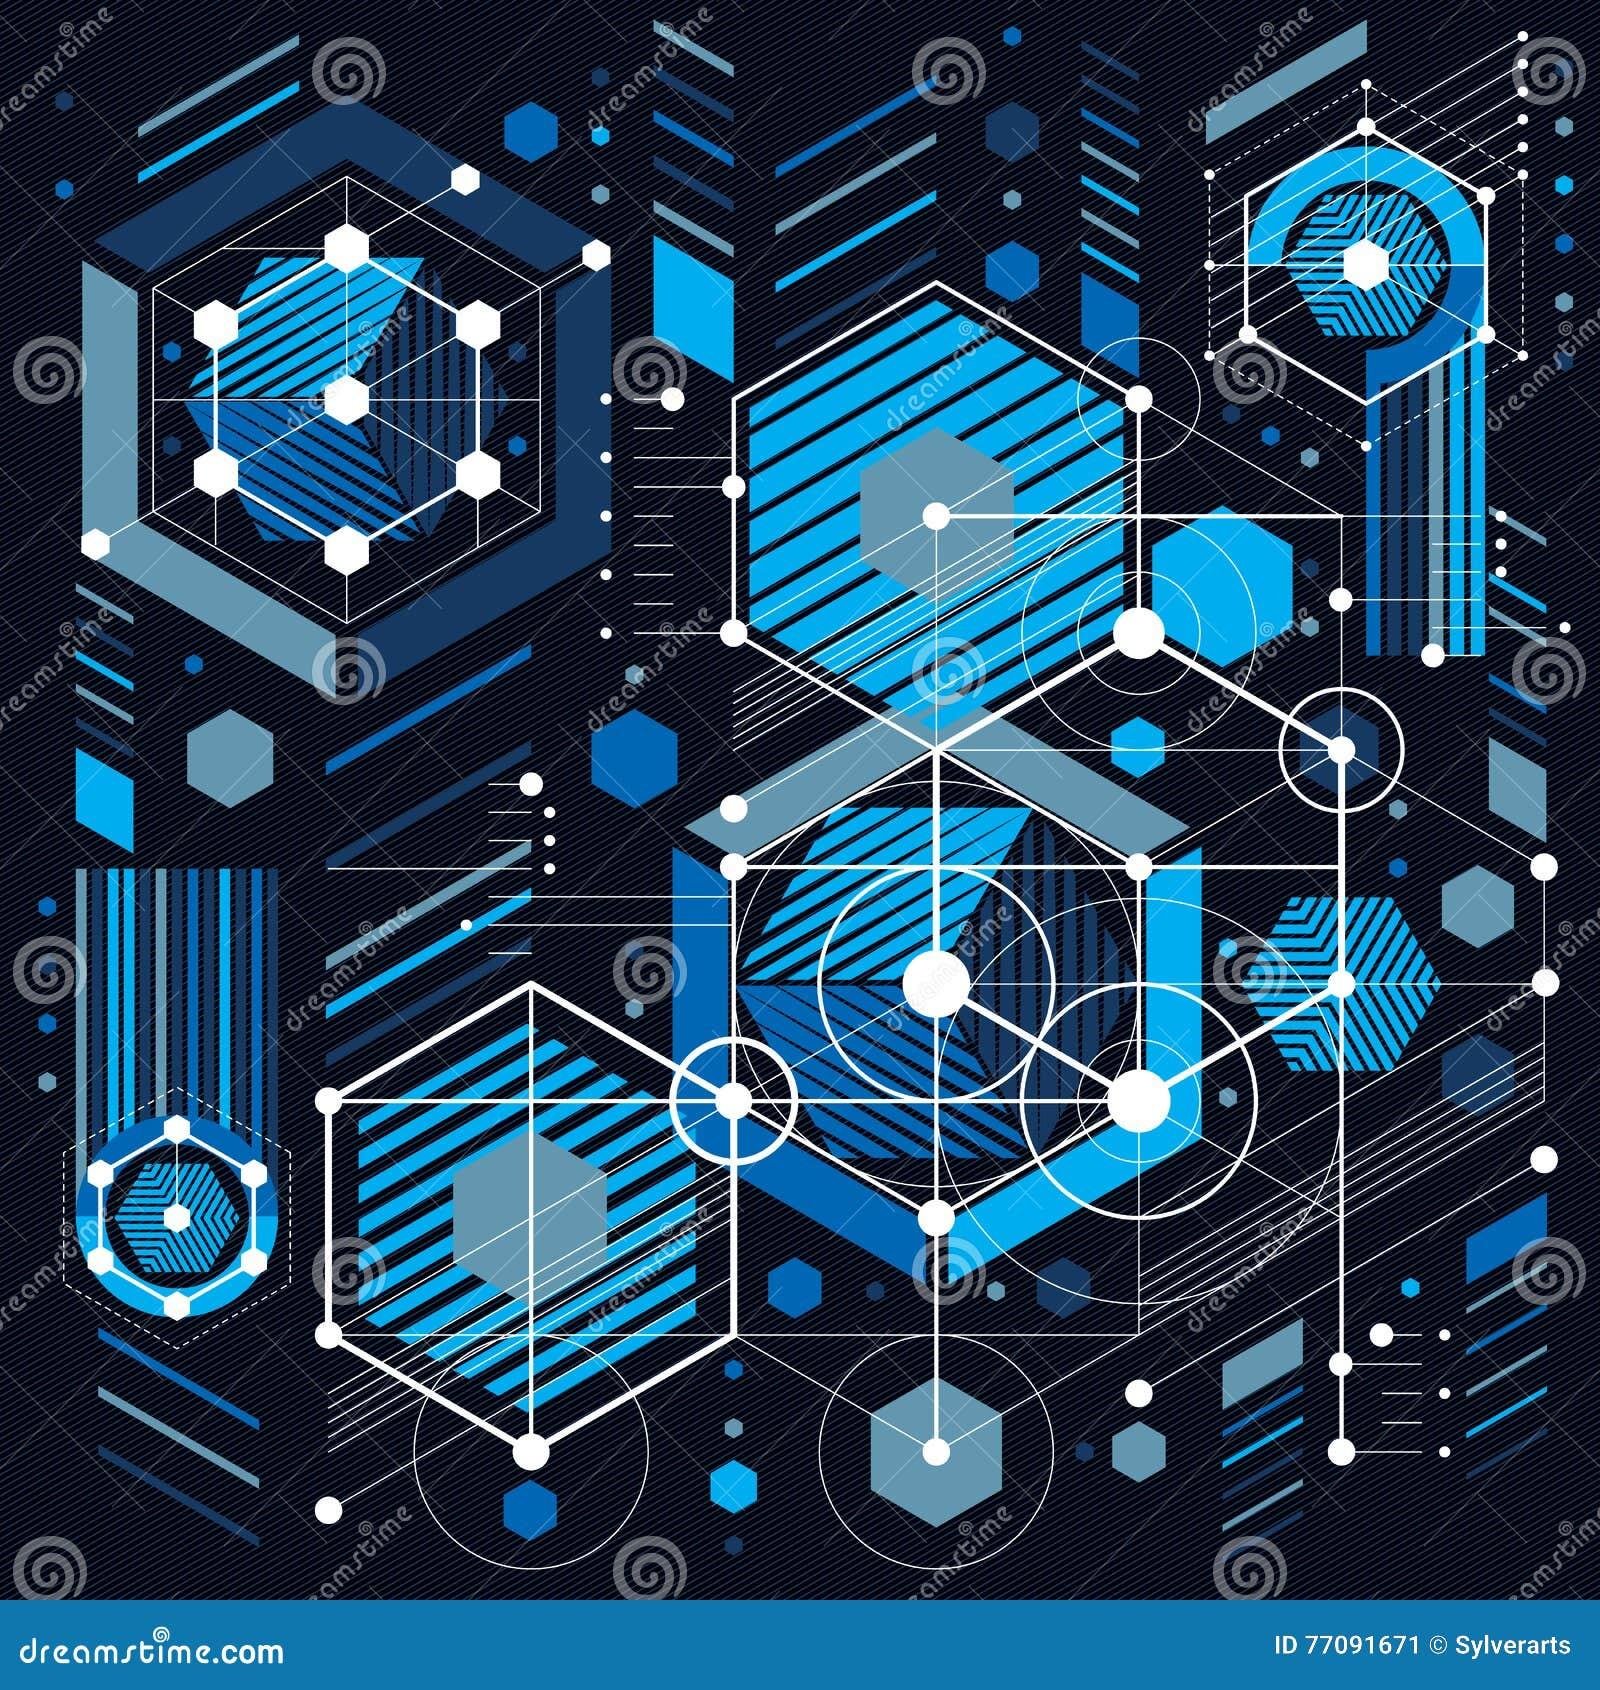 pdf Matrix